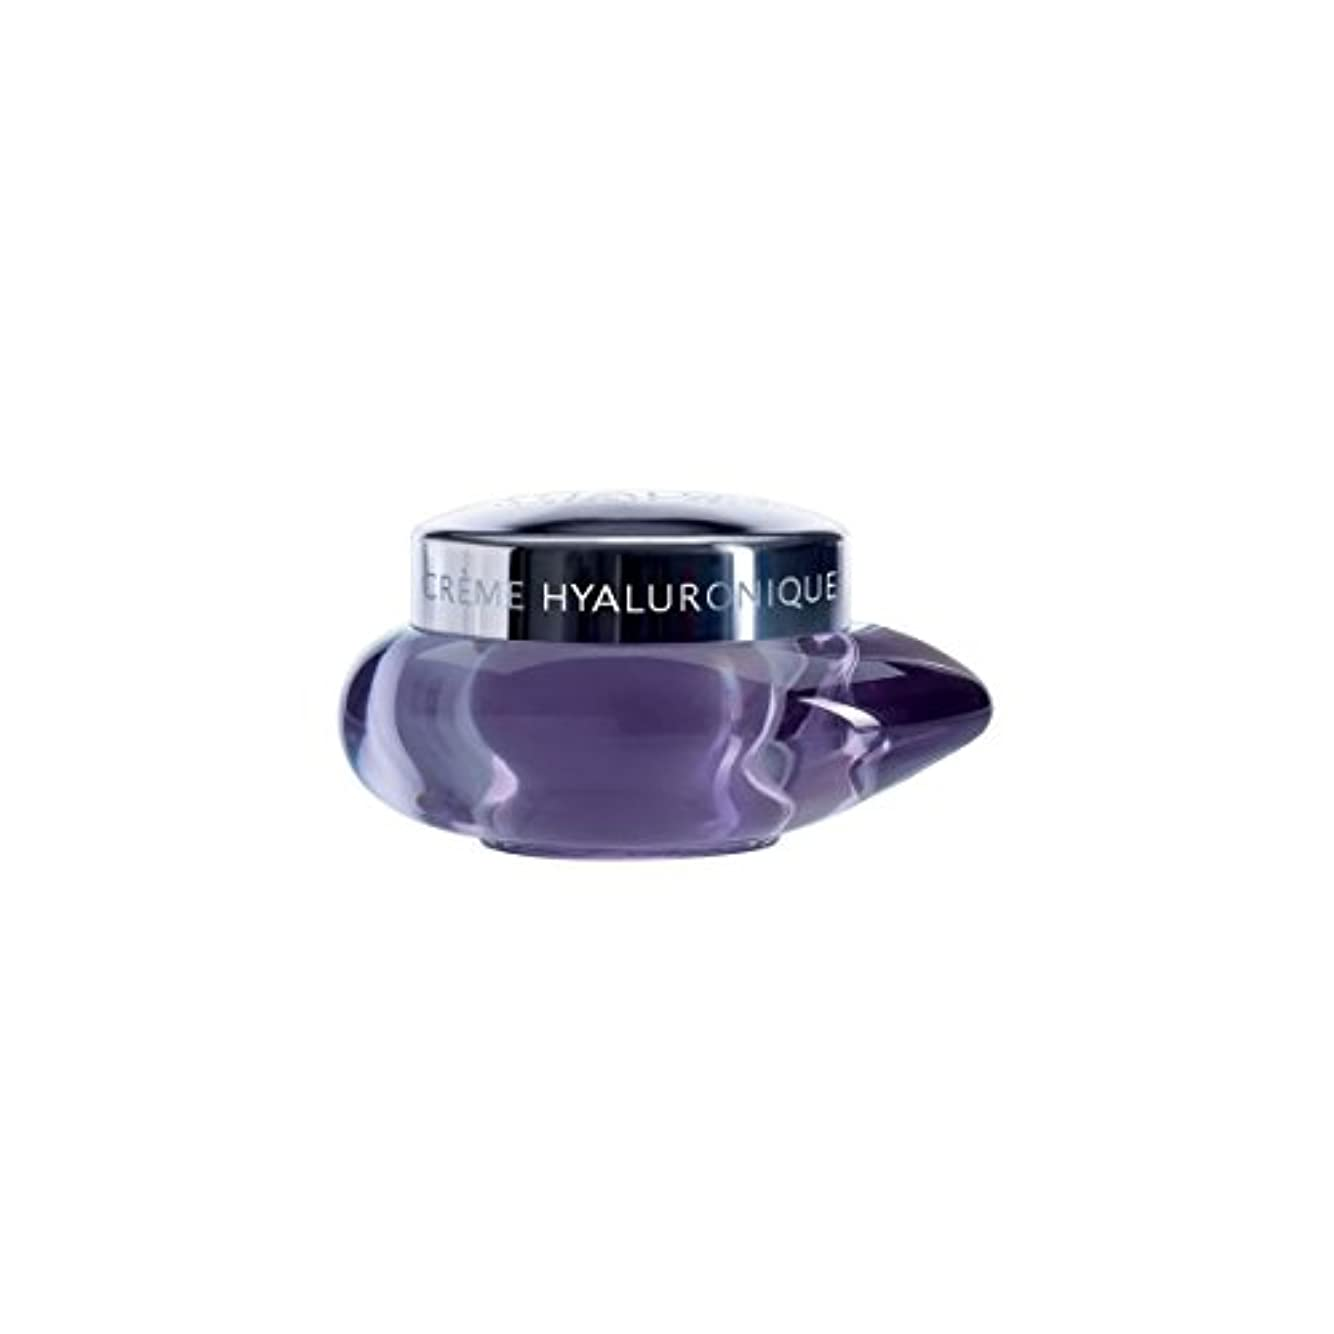 グラマーマイルストーン視線タルゴ Hyaluronique Hyaluronic Cream 50ml/1.69oz並行輸入品